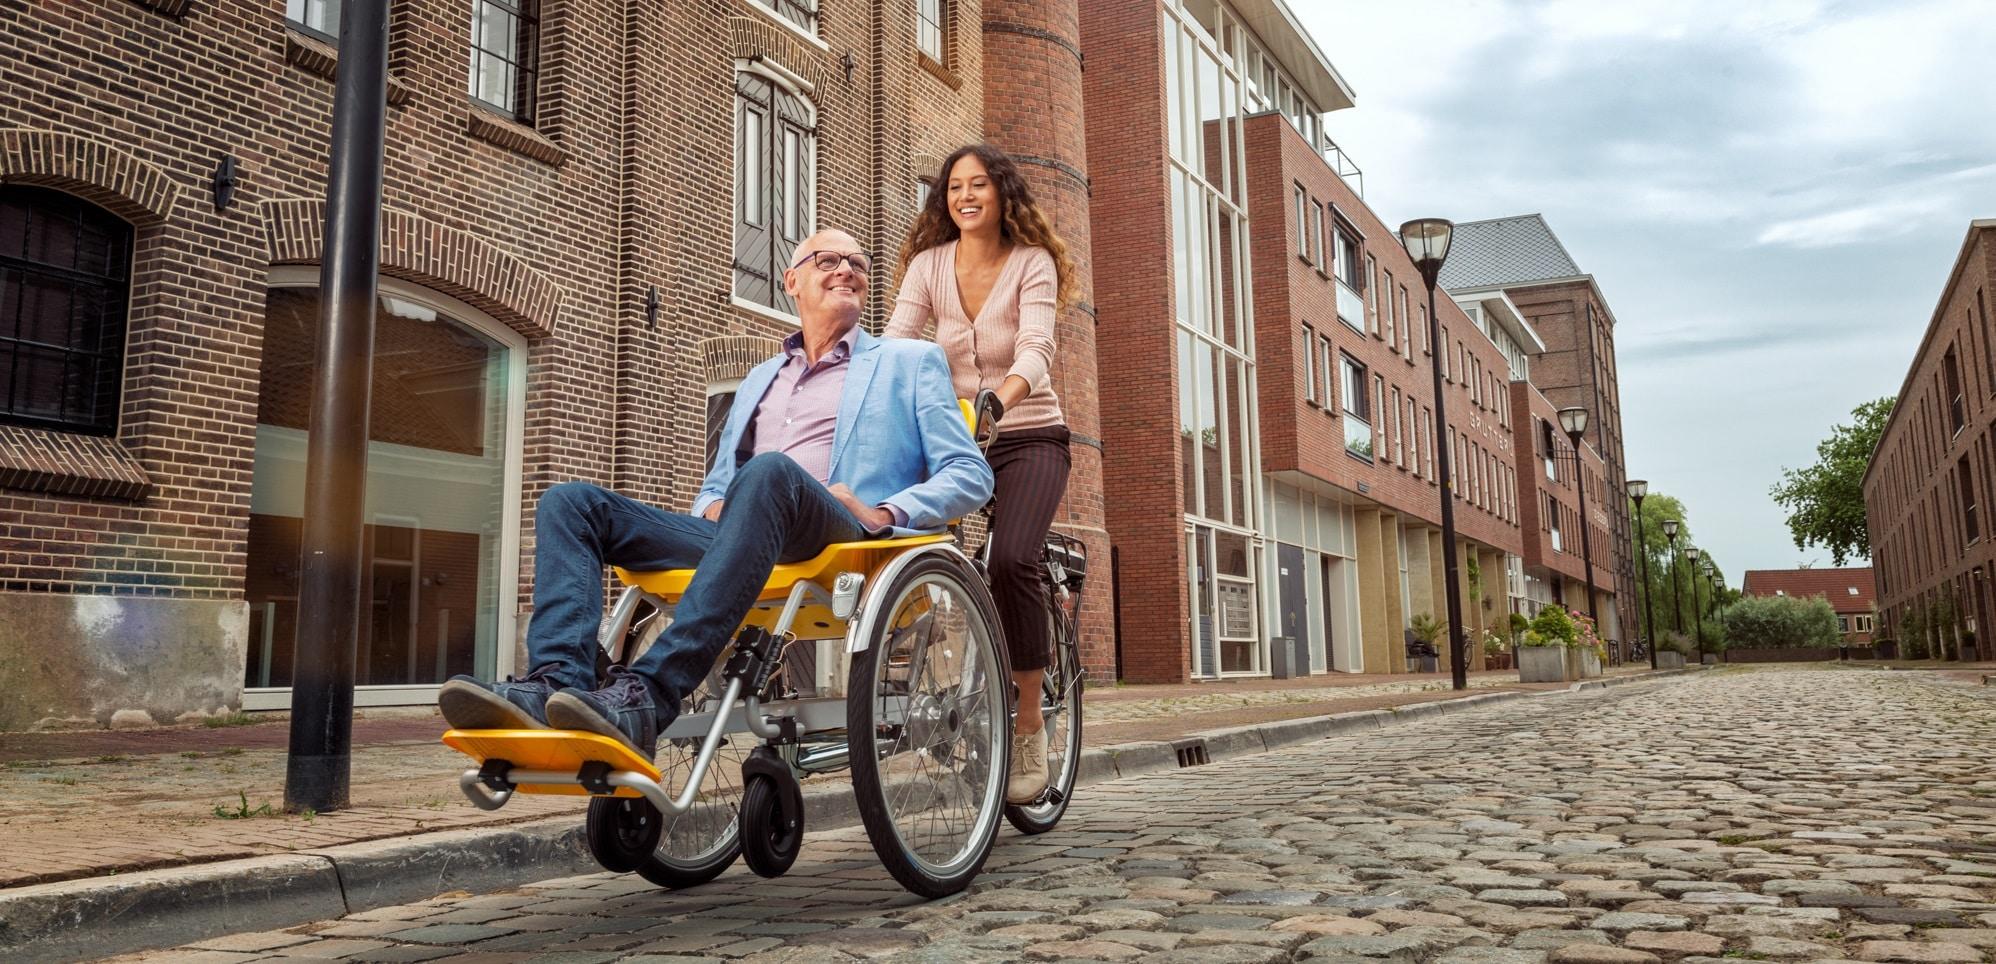 Elektrische rolstoelfiets kopen